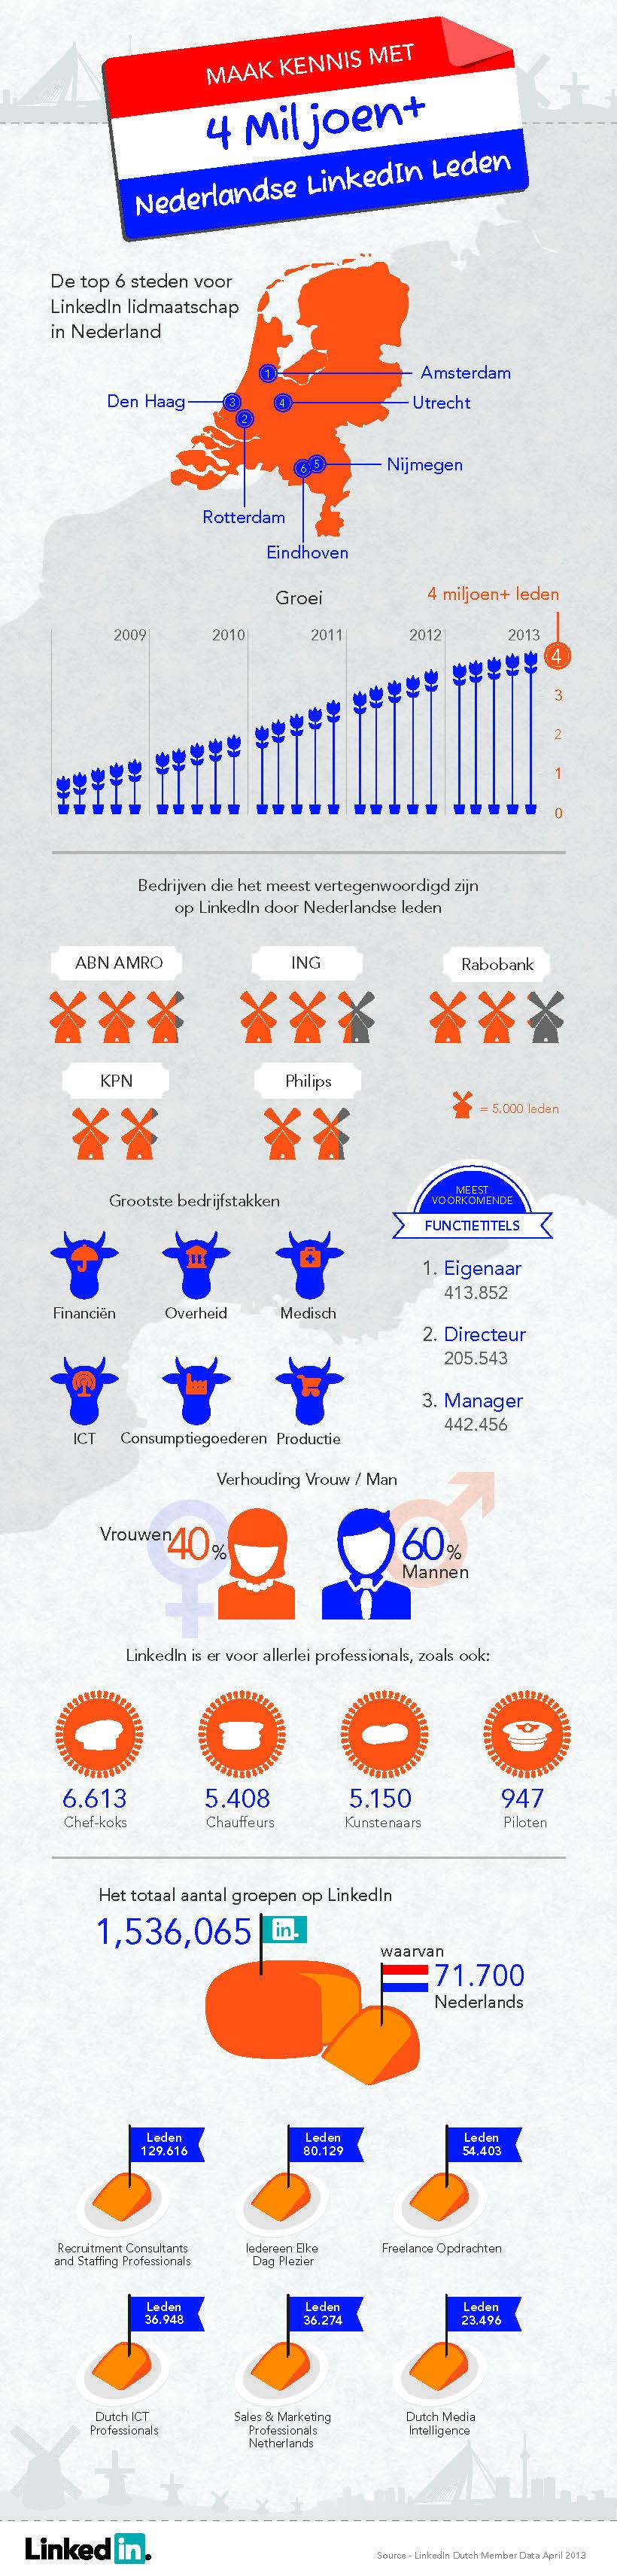 Gegevens gebruik LinkedIn in Nederland - april 2013. Bron: LinkedInpro.nl